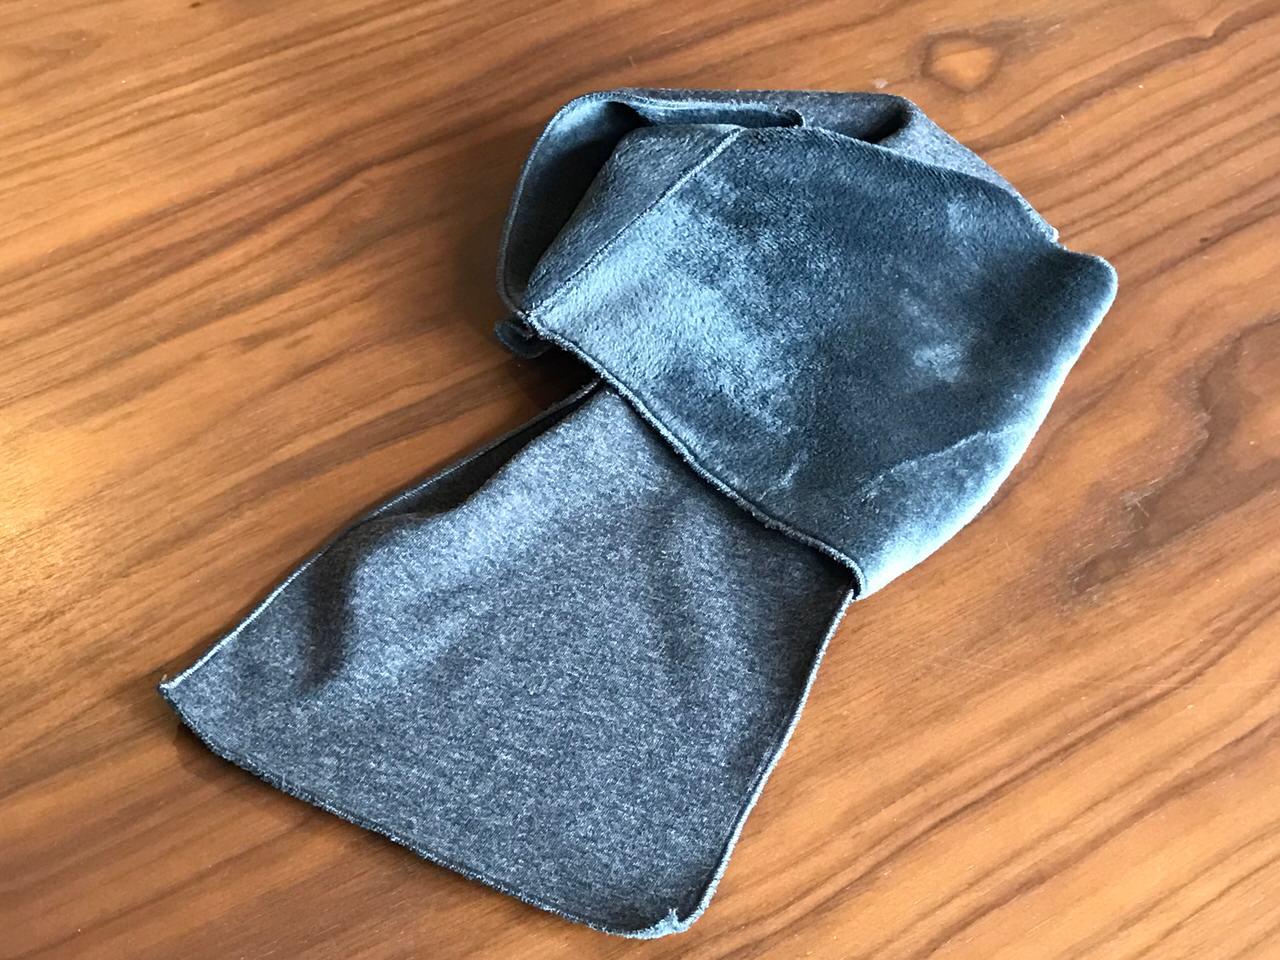 「薄いストール」収納しやすく巻くのも簡単、こんなマフラー欲しかった!冬の必需品としてオススメ